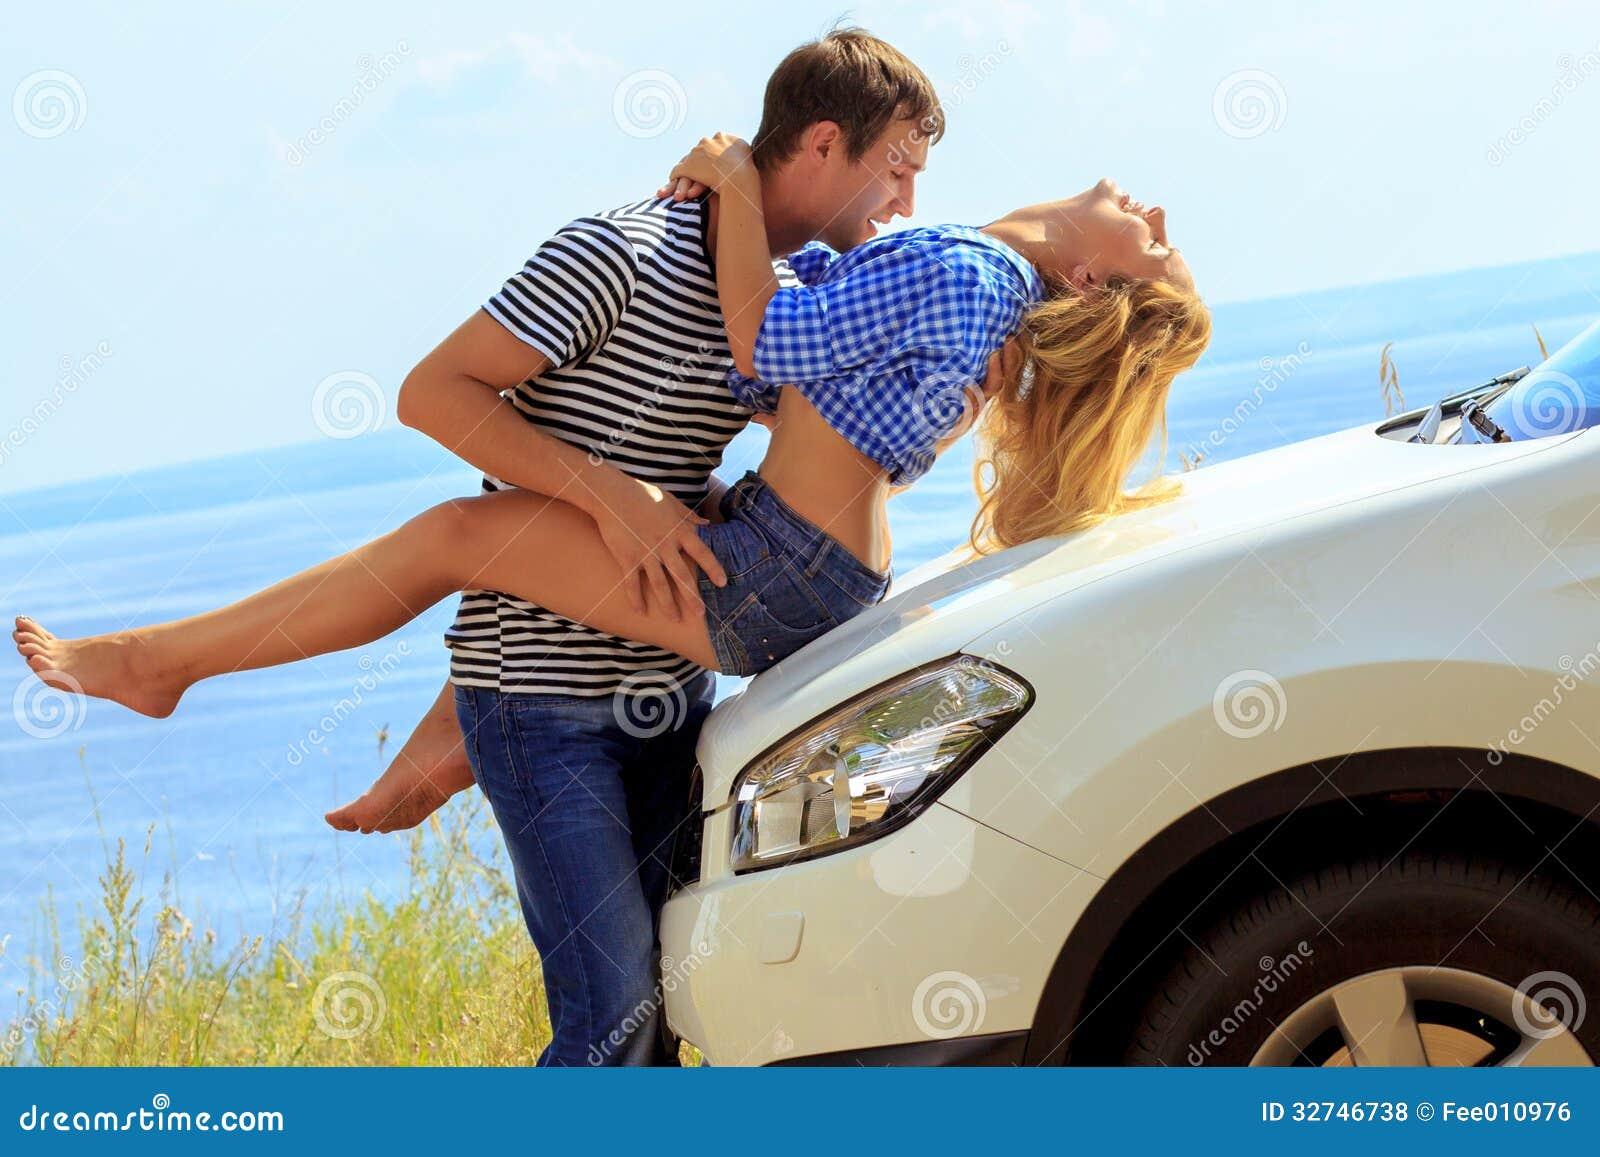 Фото девушка с парнем в машине 22 фотография